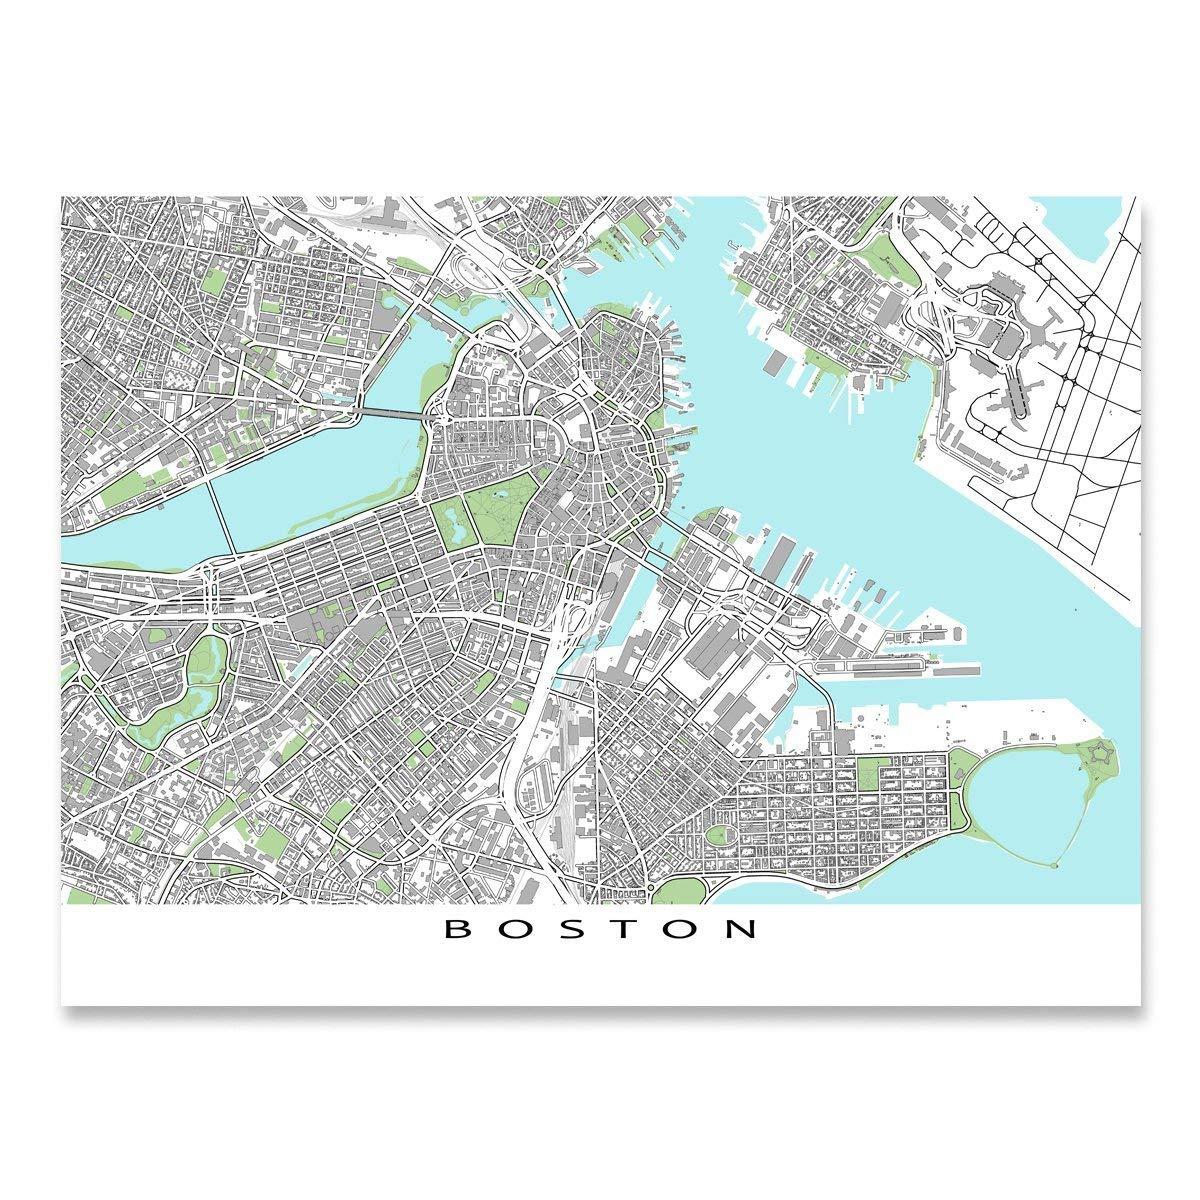 Amazon.com: Boston Map Print, Massachusetts USA, City Street Wall ...